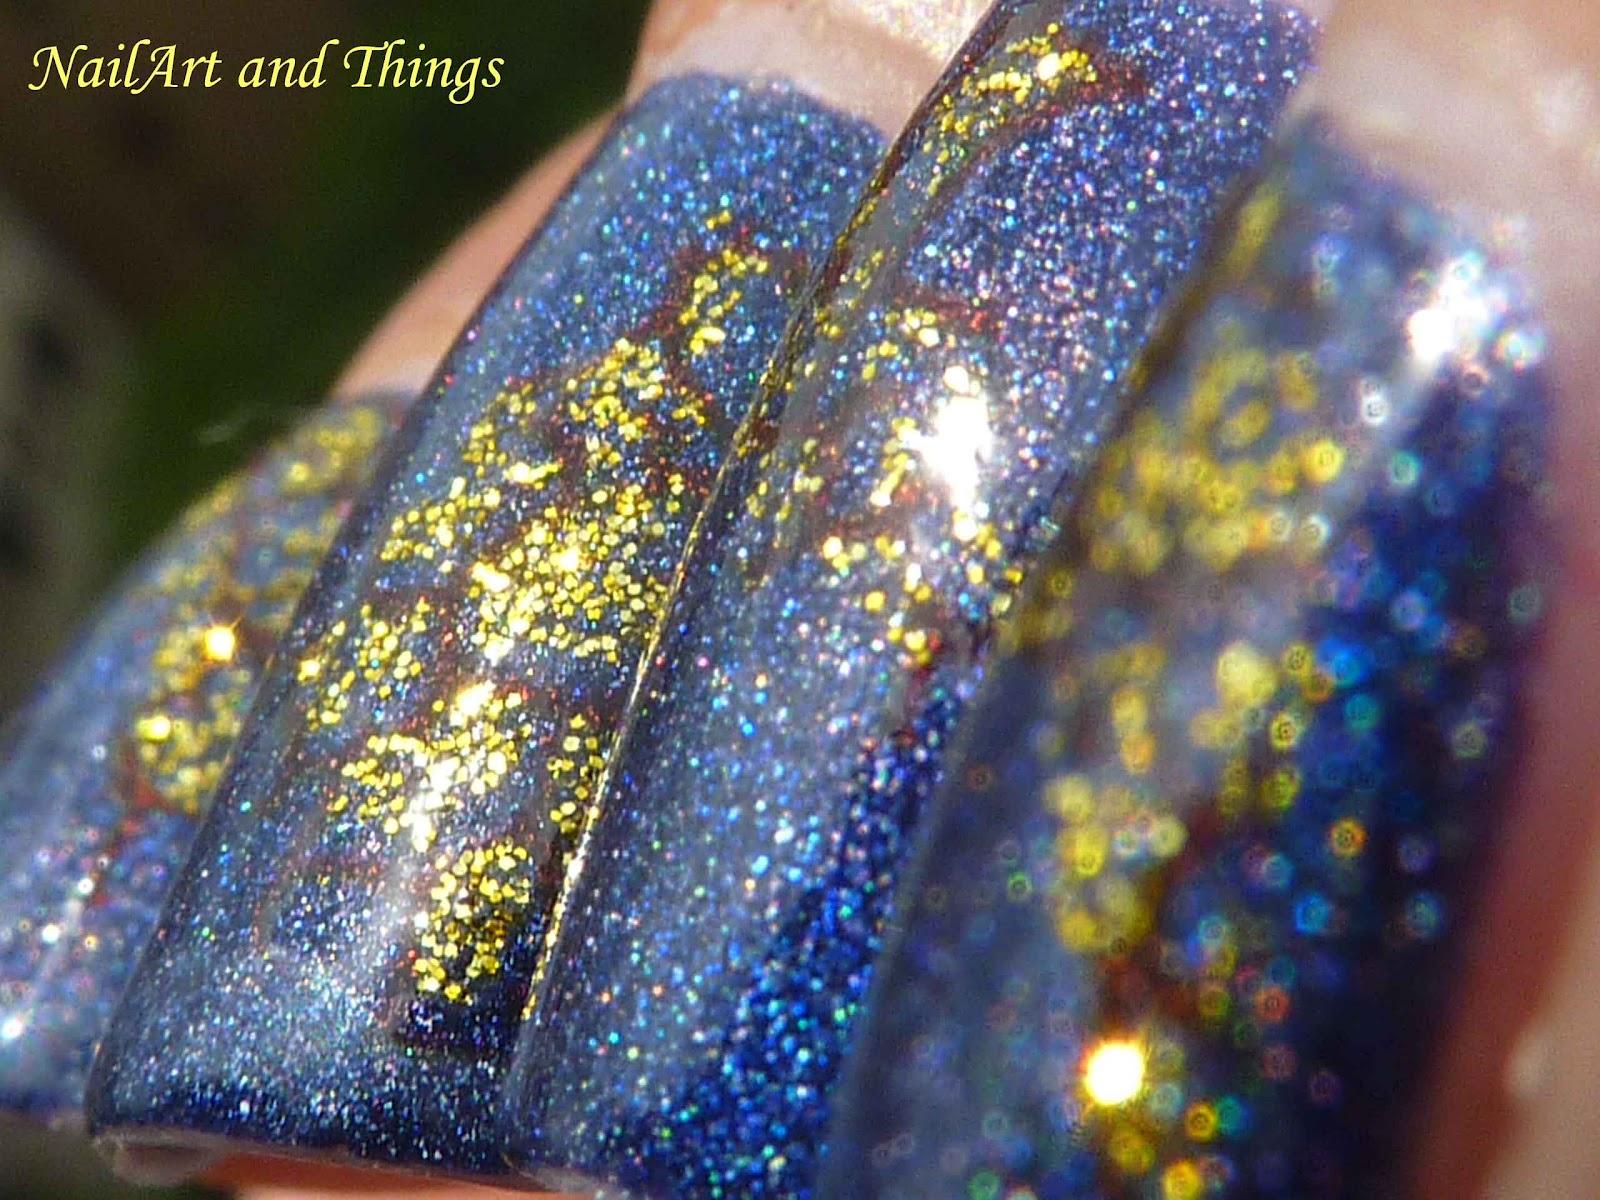 Nailart And Things: NailArt And Things: September 2012